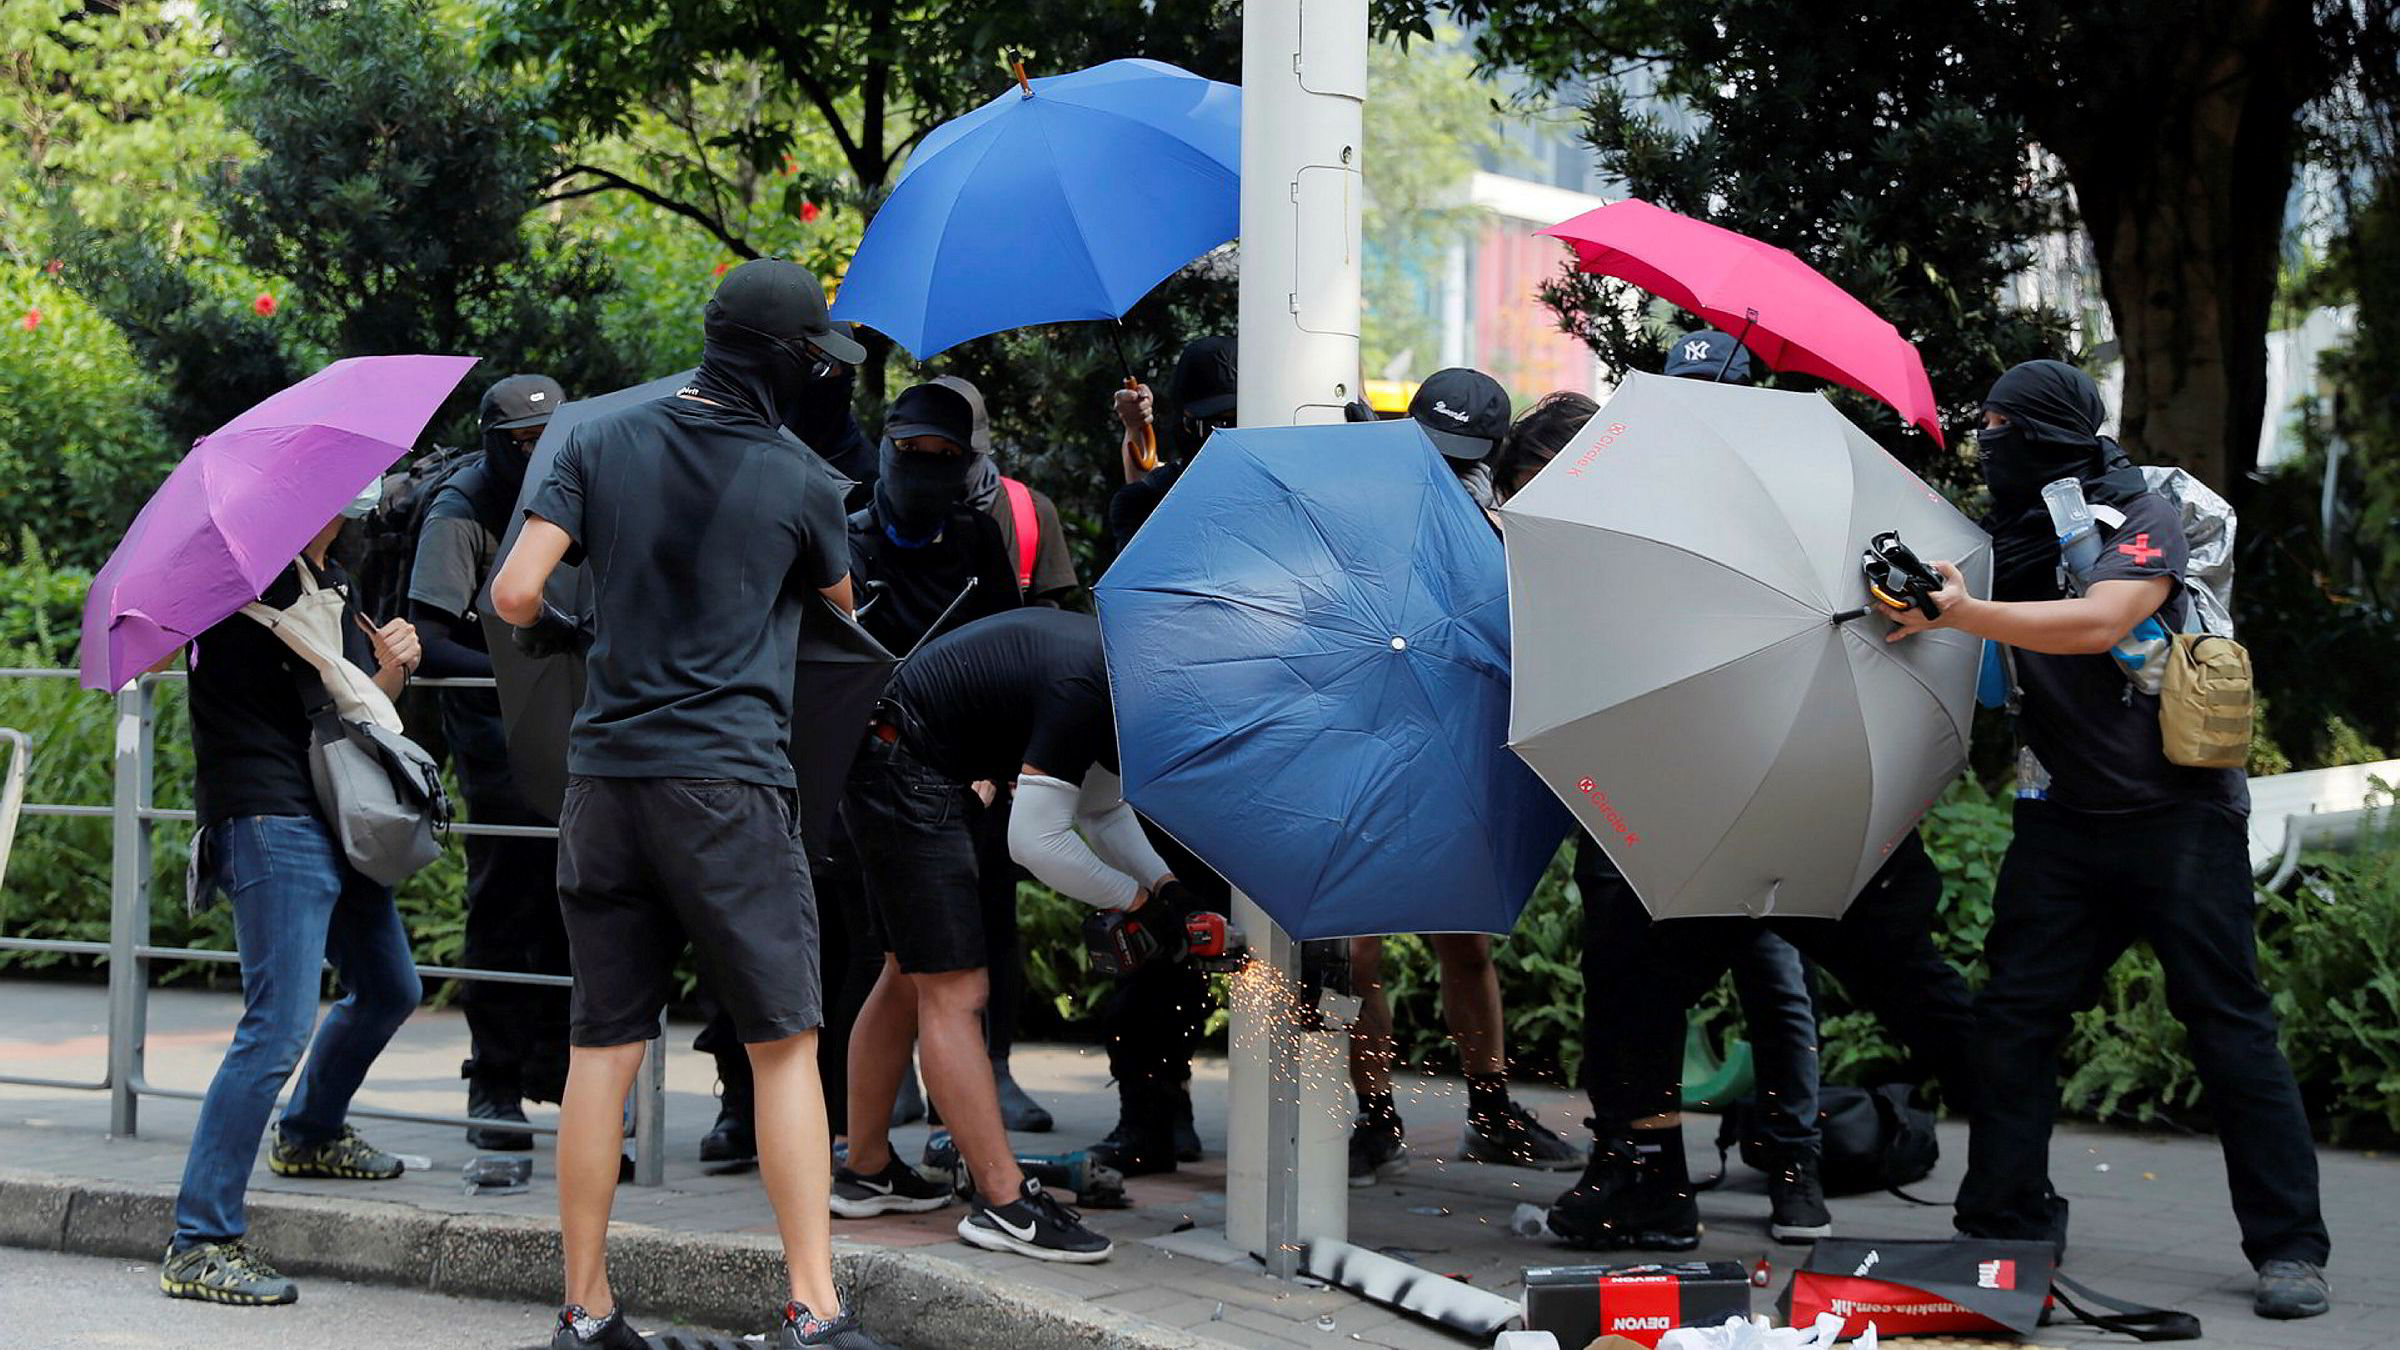 Hongkong 24. august i fjor: En gruppe demonstranter med oppslåtte paraplyer og skjerf foran ansiktet er i ferd med å velte en lysstolpe og åpne den med en sag. Det ser ut som hærverk, men er en disseksjon av byens overvåkning: Hvilke sensorer finnes i stolpen? Har den kameraer?